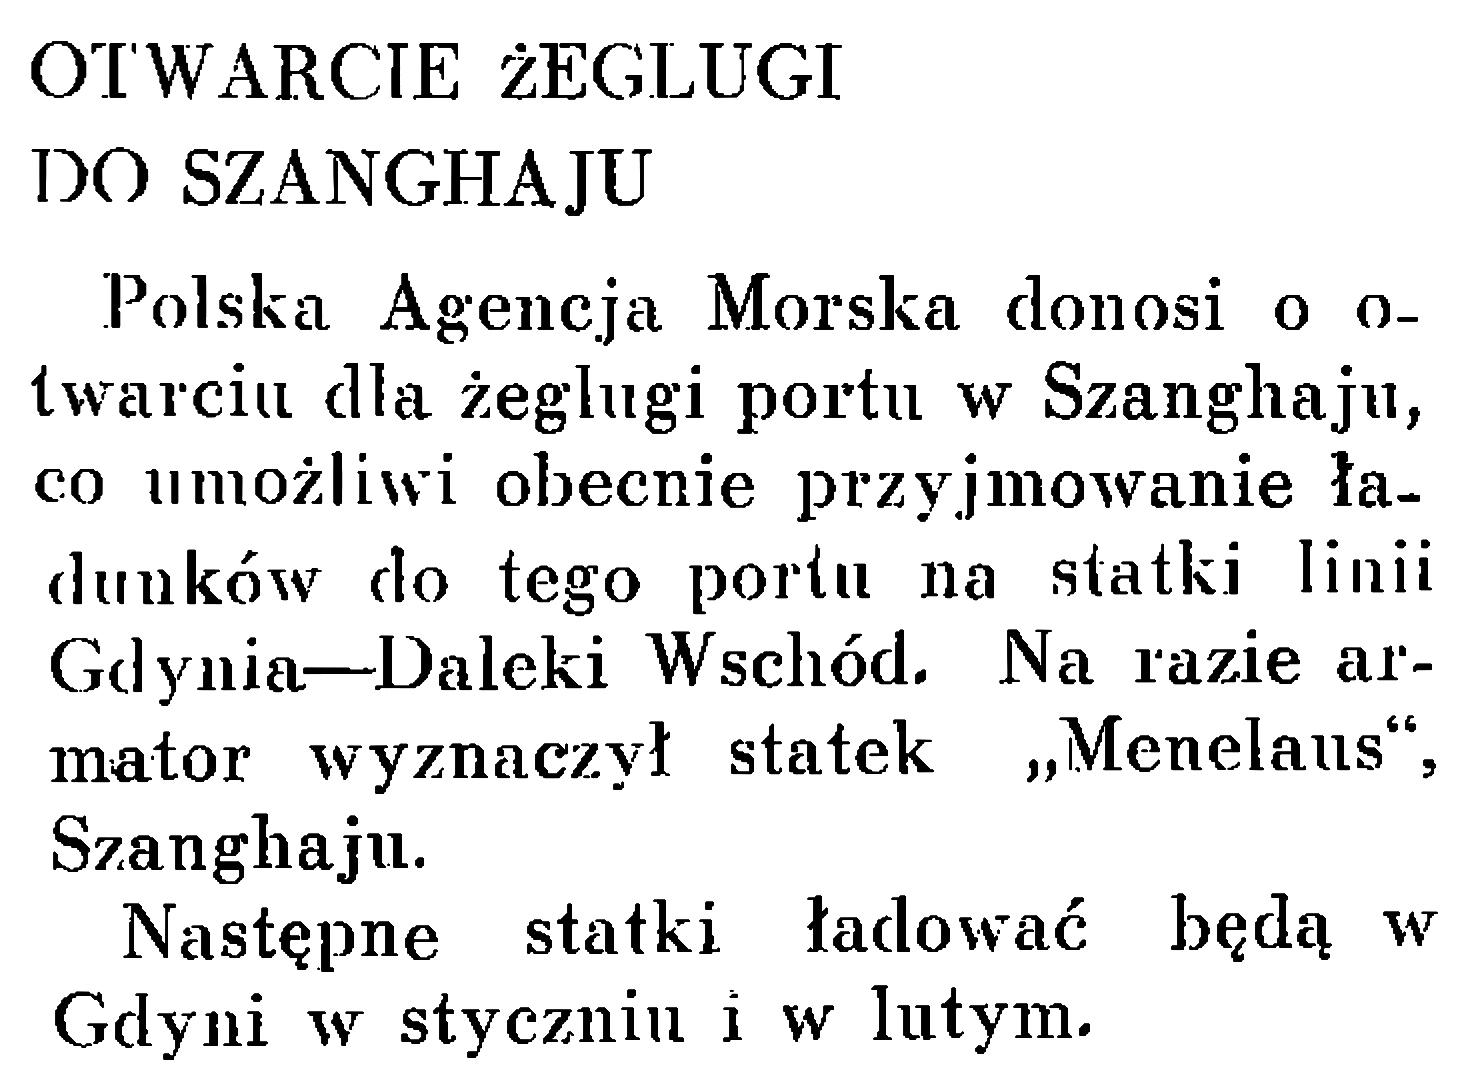 Otwarcie żeglugi dla Szanghaju // Wiadomości Gdyńskie. - 1937, nr 12, s. 20